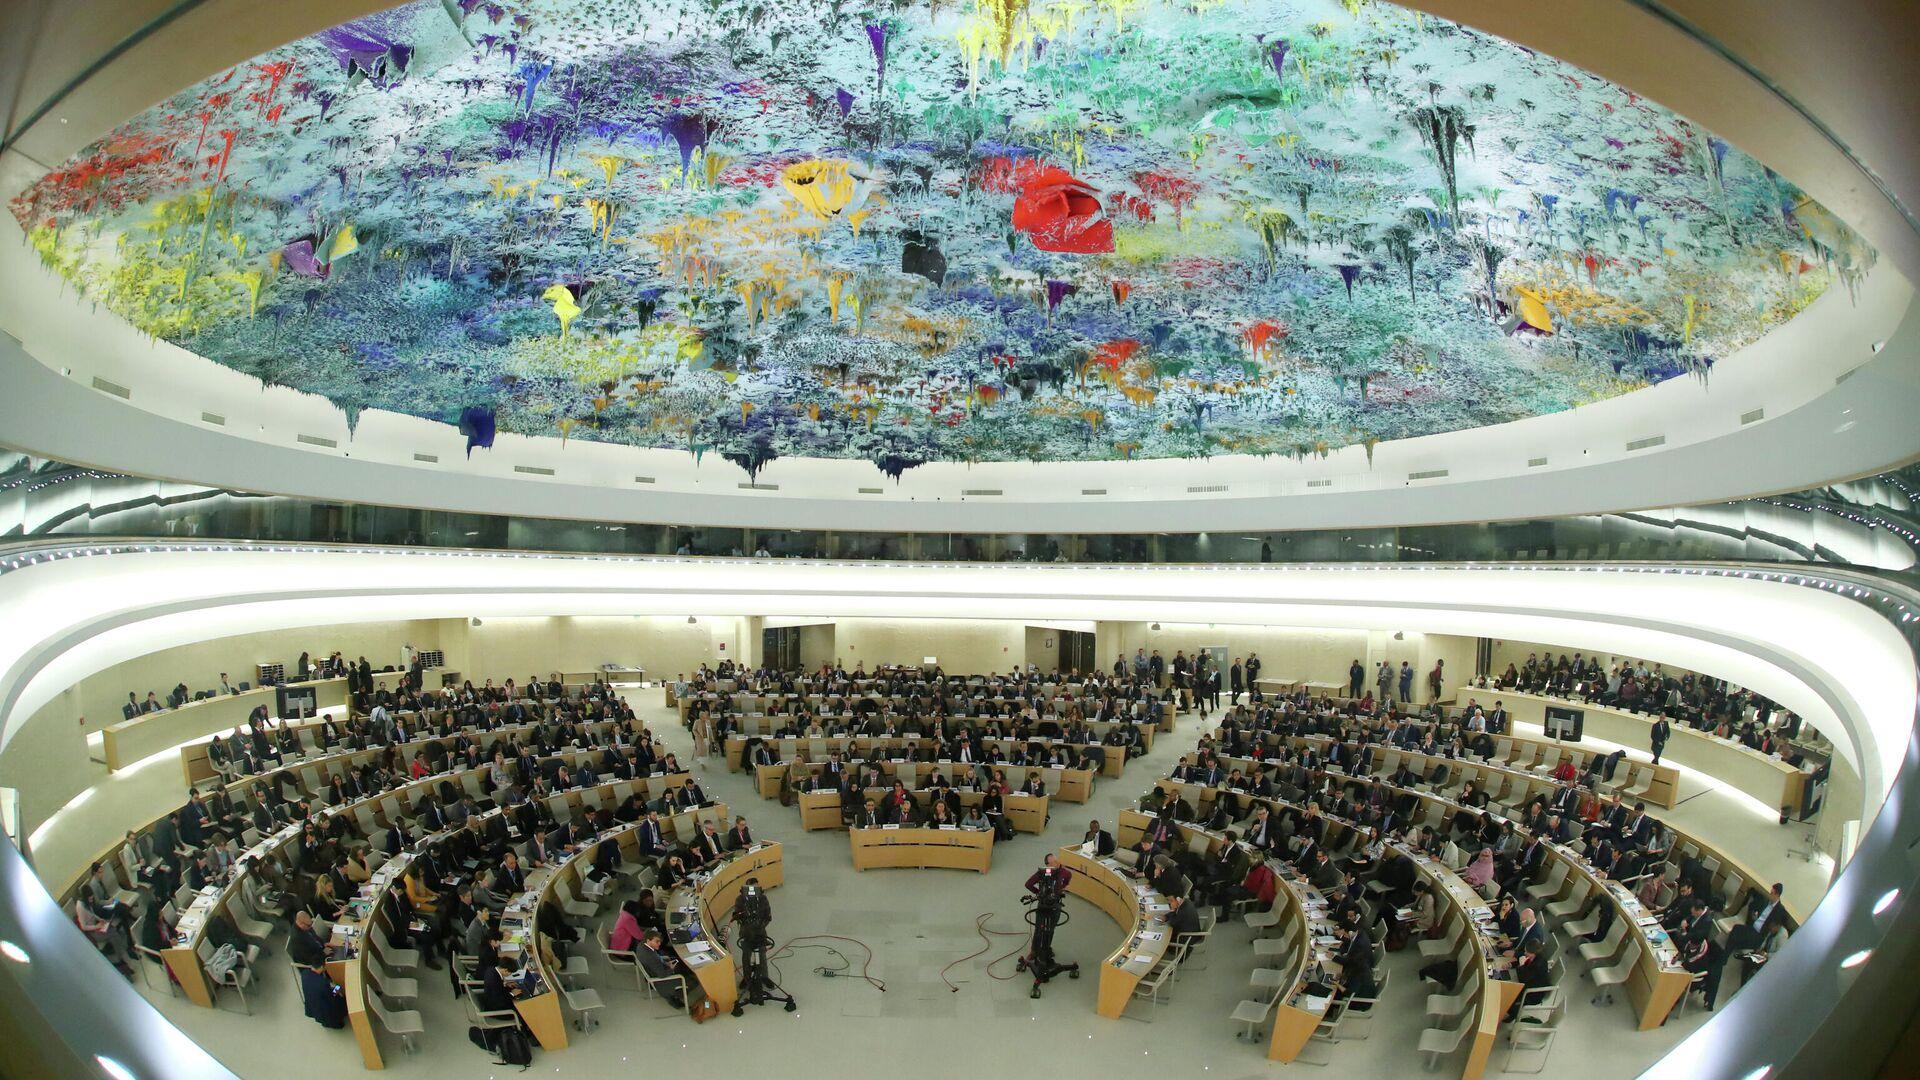 Заседание Совета по правам человека ООН в Женеве - РИА Новости, 1920, 14.04.2021